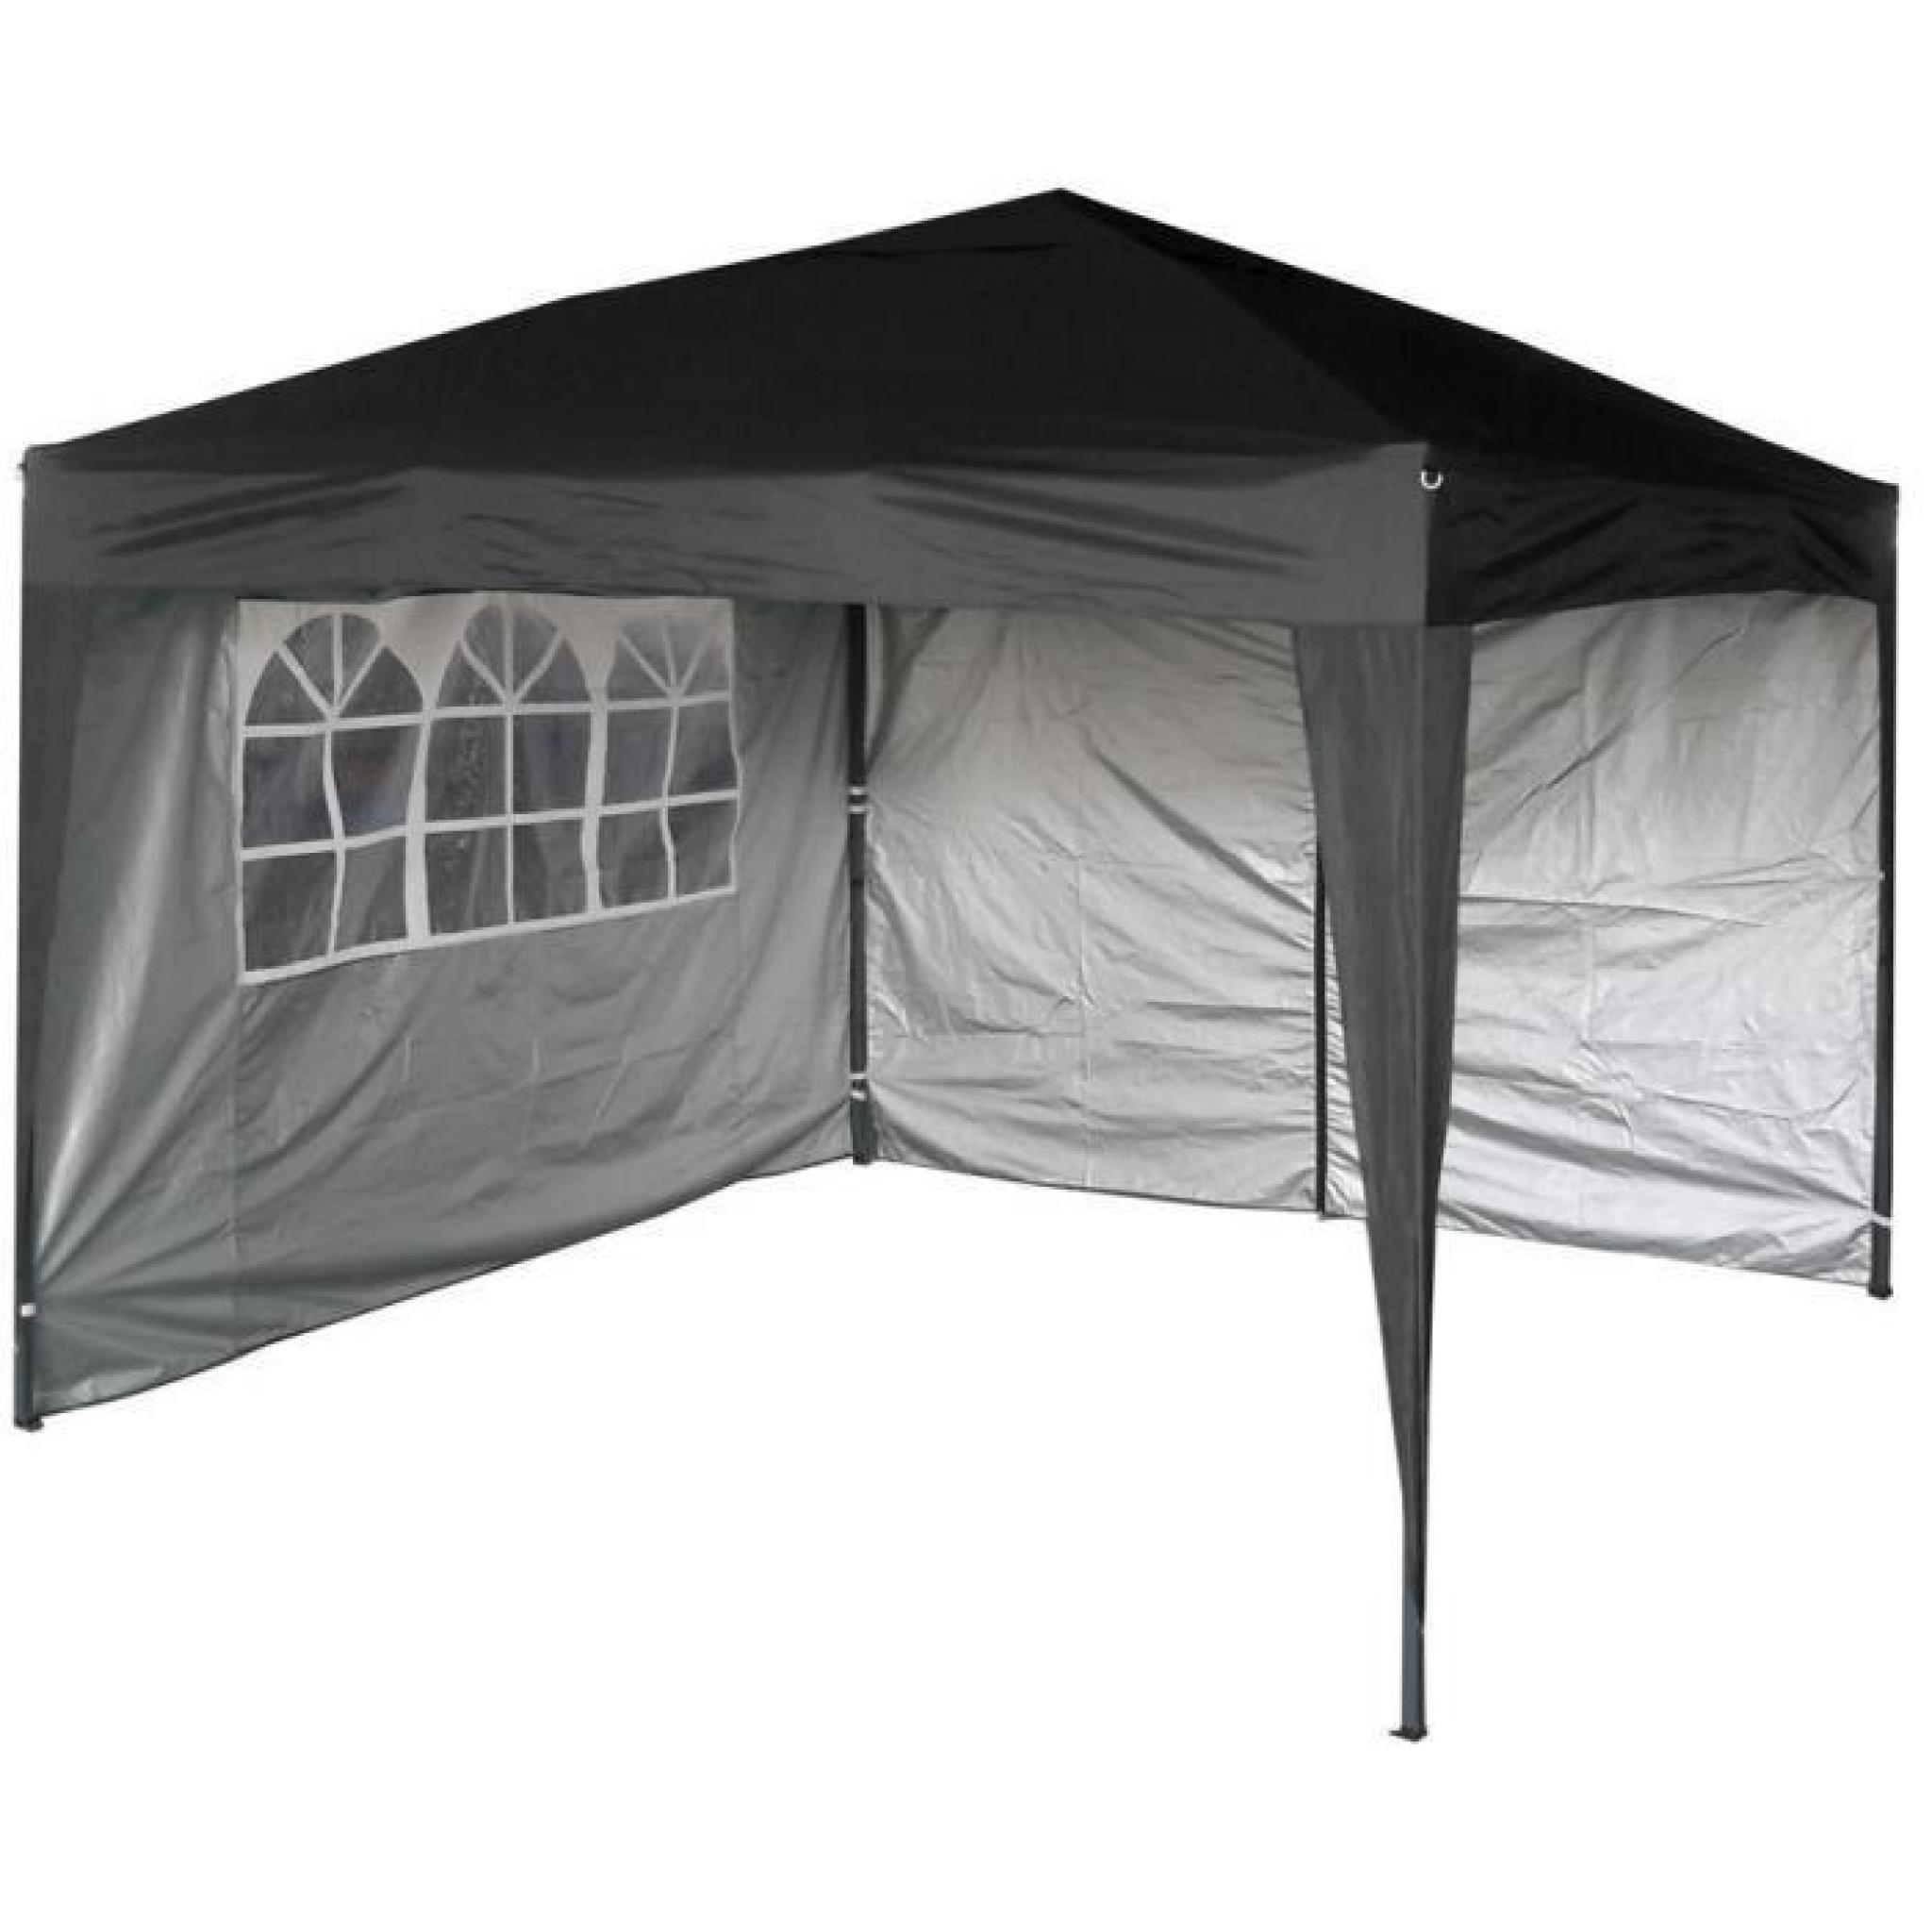 Tente/tonnelle/auvent/abri De Jardin Résistant À L'eau, 3X3M, Avec Couche  Protectrice Argentée, 2 Barres Pare-Vent Et dedans Tente Abris De Jardin